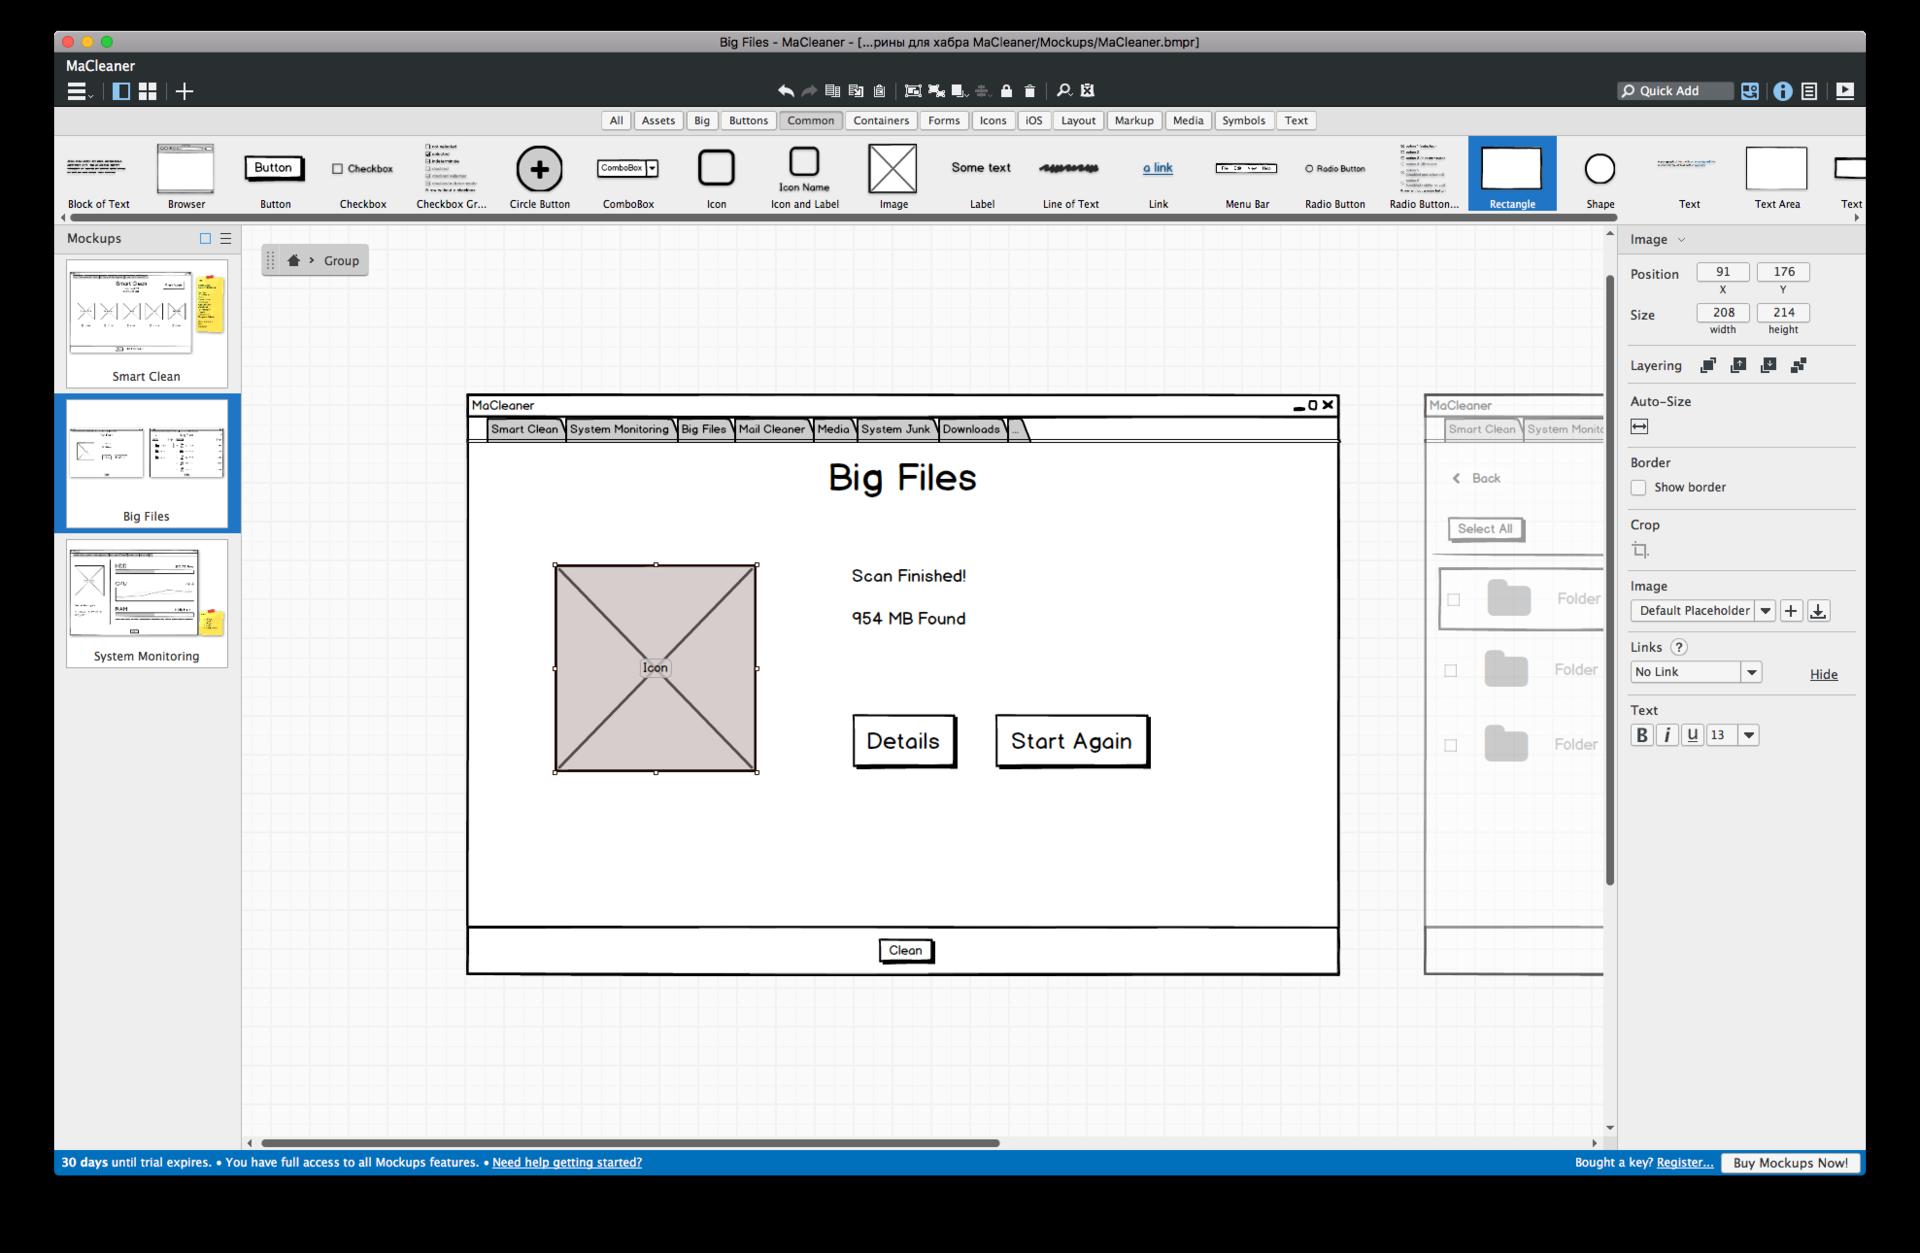 Инструменты для прототипирования на Mac: сопоставительная характеристика - 16